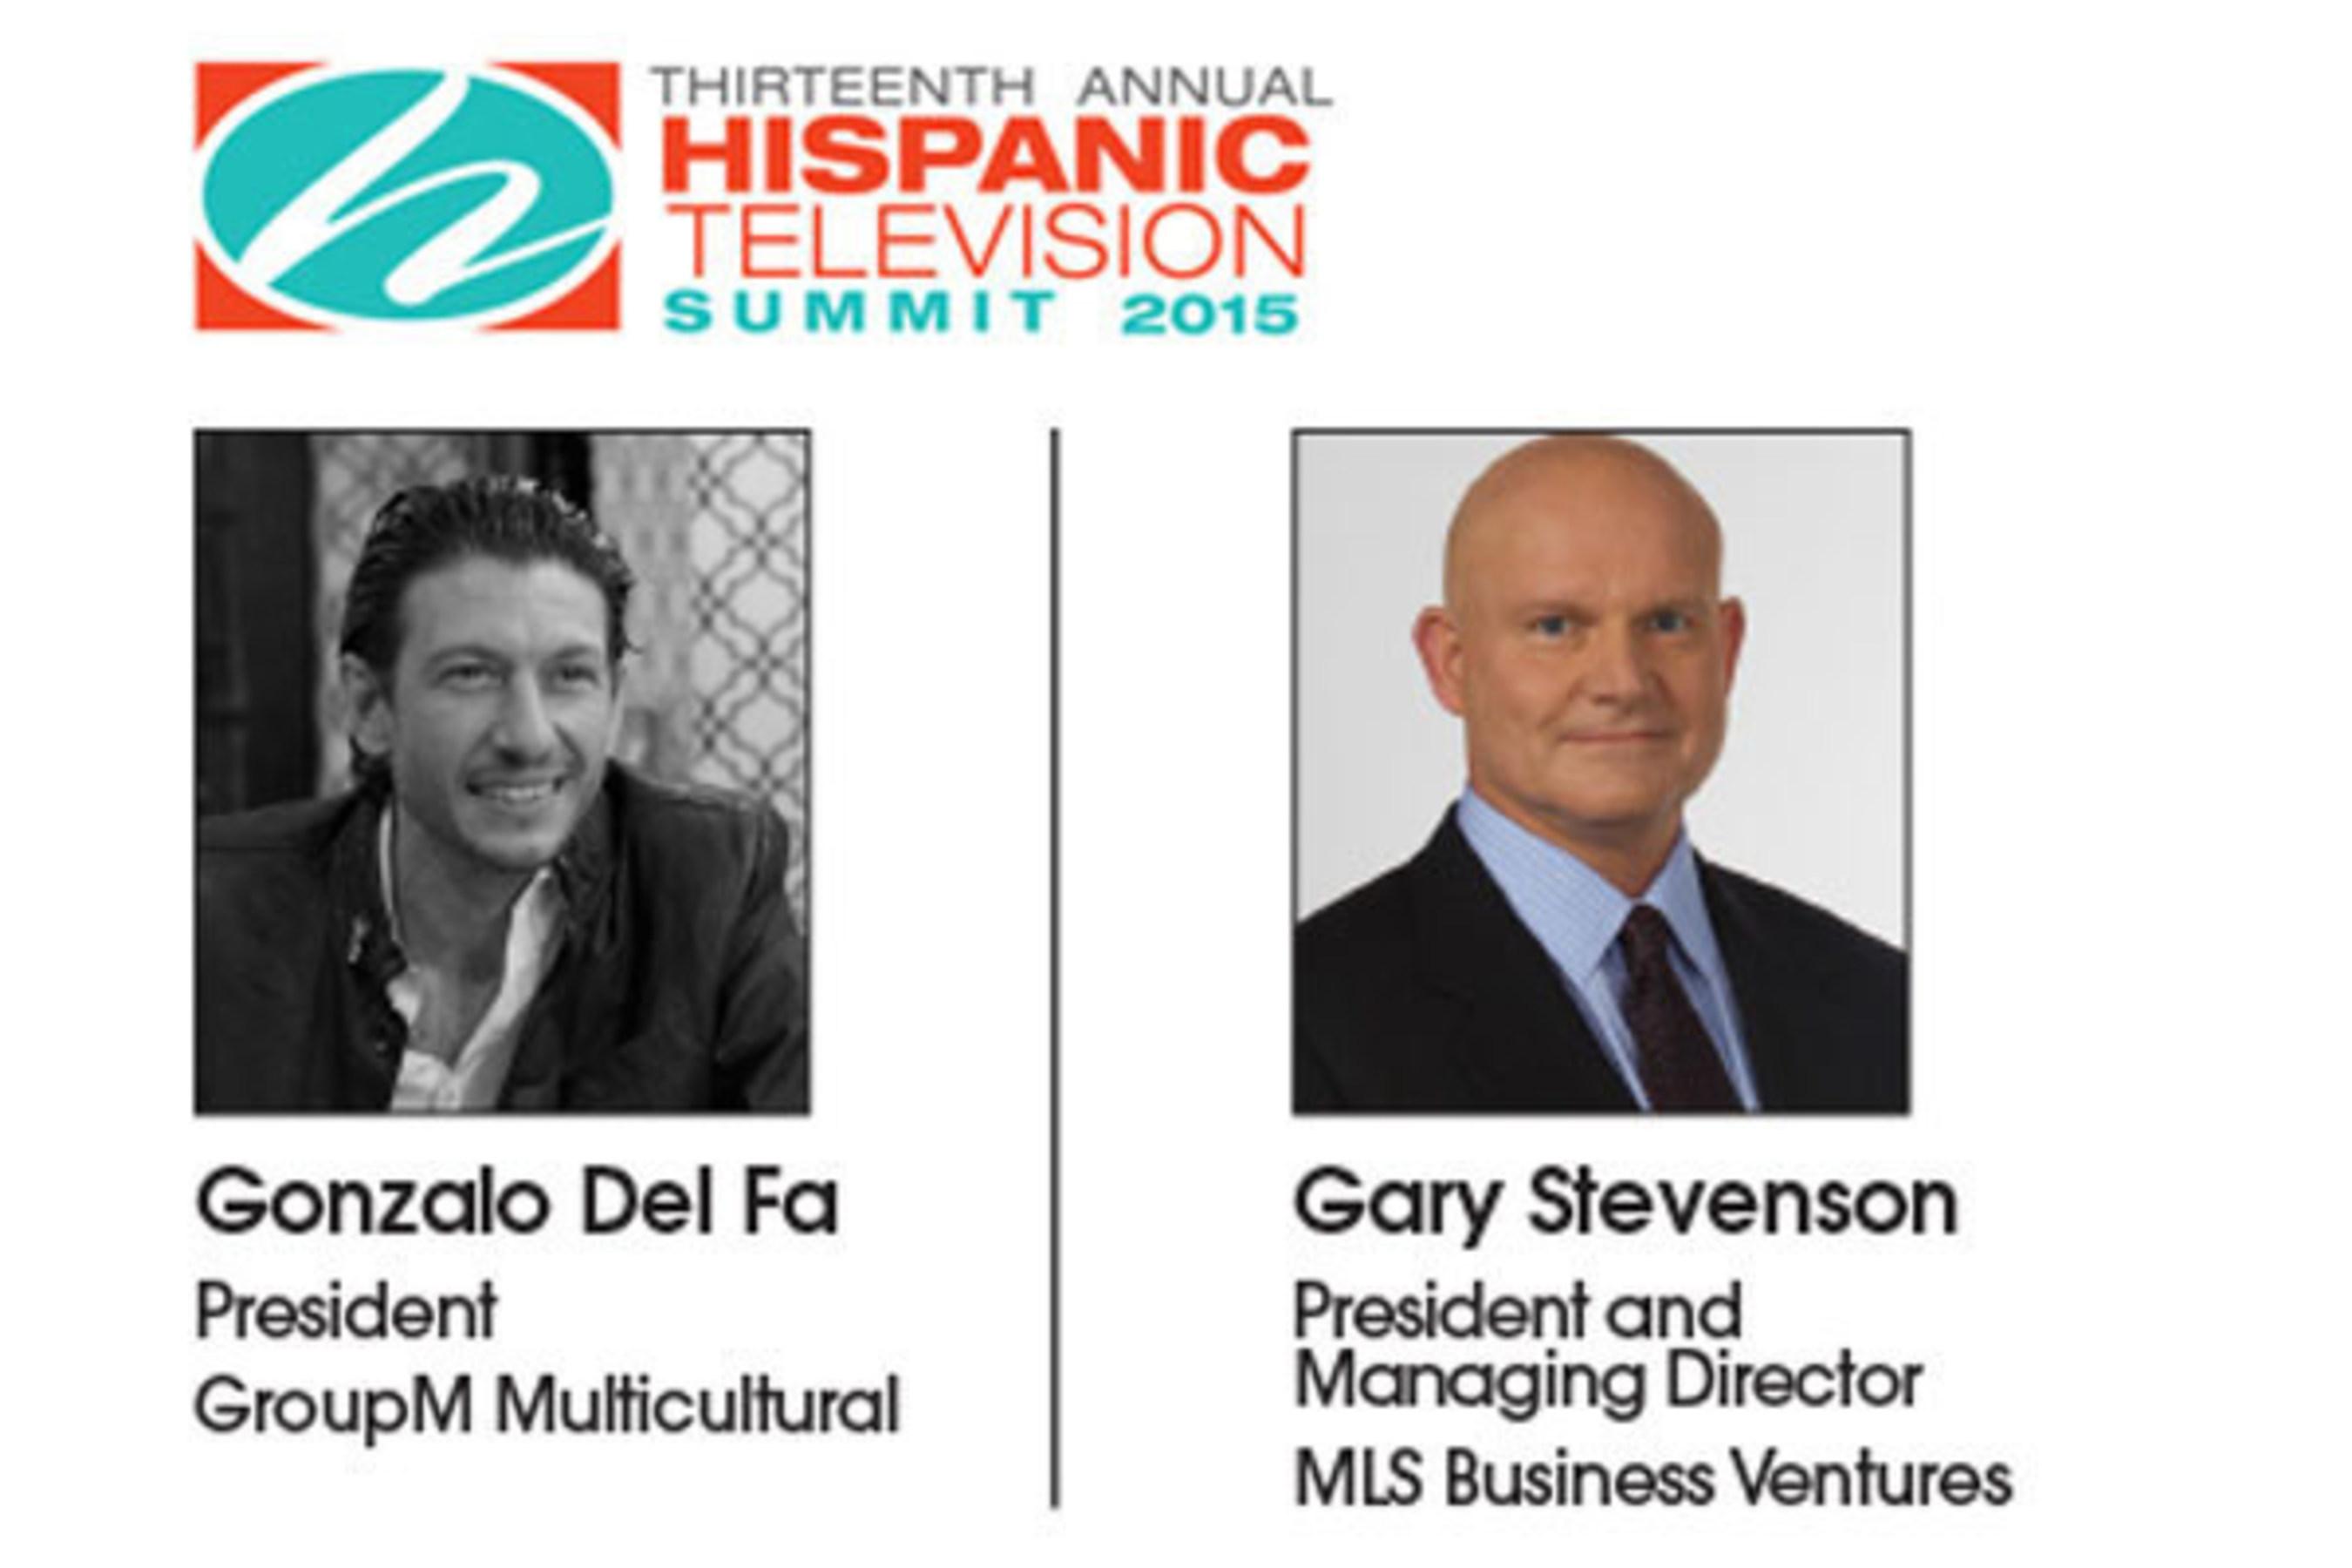 Los oradores principales del 13º Hispanic Television Summit Anual serán Gonzalo de Fa de GroupM